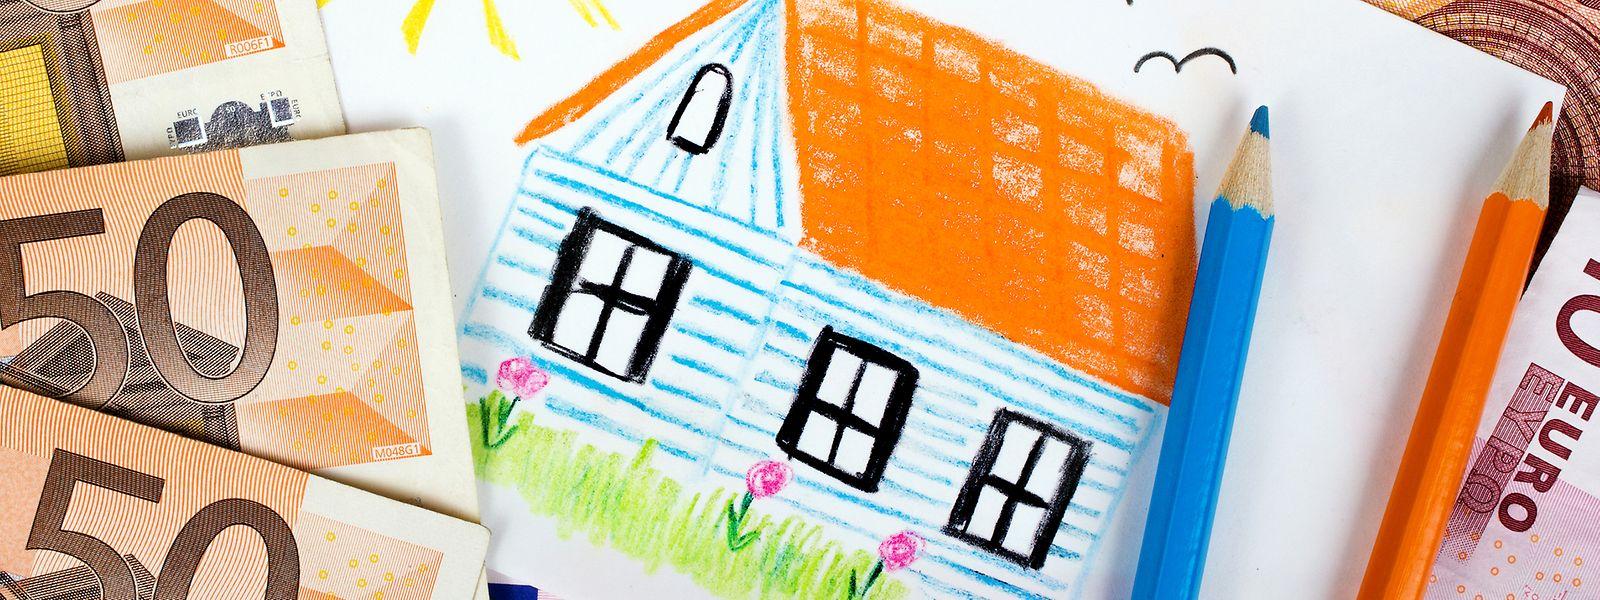 Sechs von zehn Haushalten zahlen einen Hauskredit ab oder zahlen Miete.